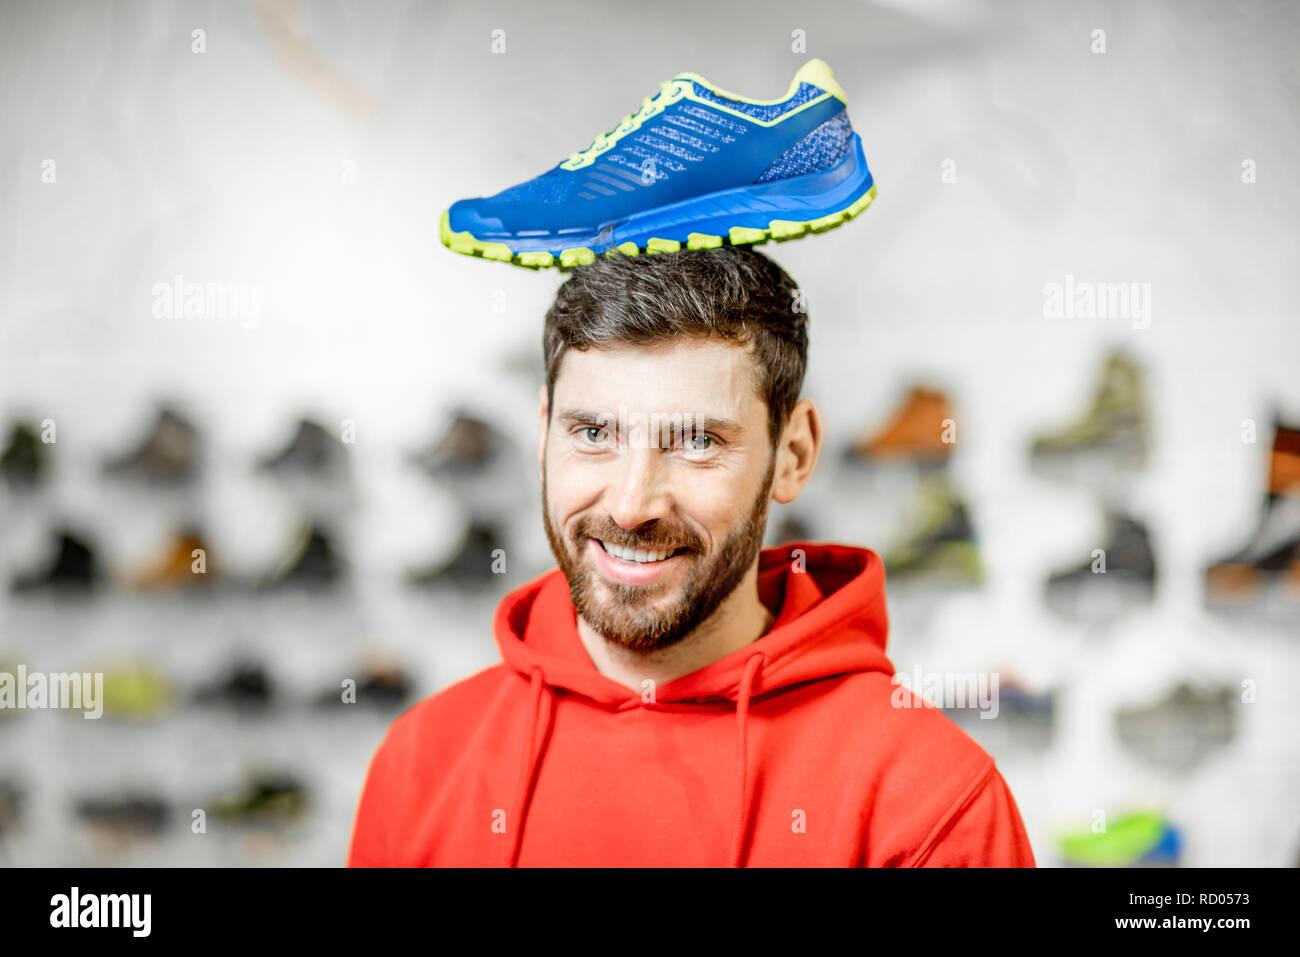 Gracioso retrato de un hombre con calzado deportivo en su cabeza de pie en la tienda de deportes Imagen De Stock